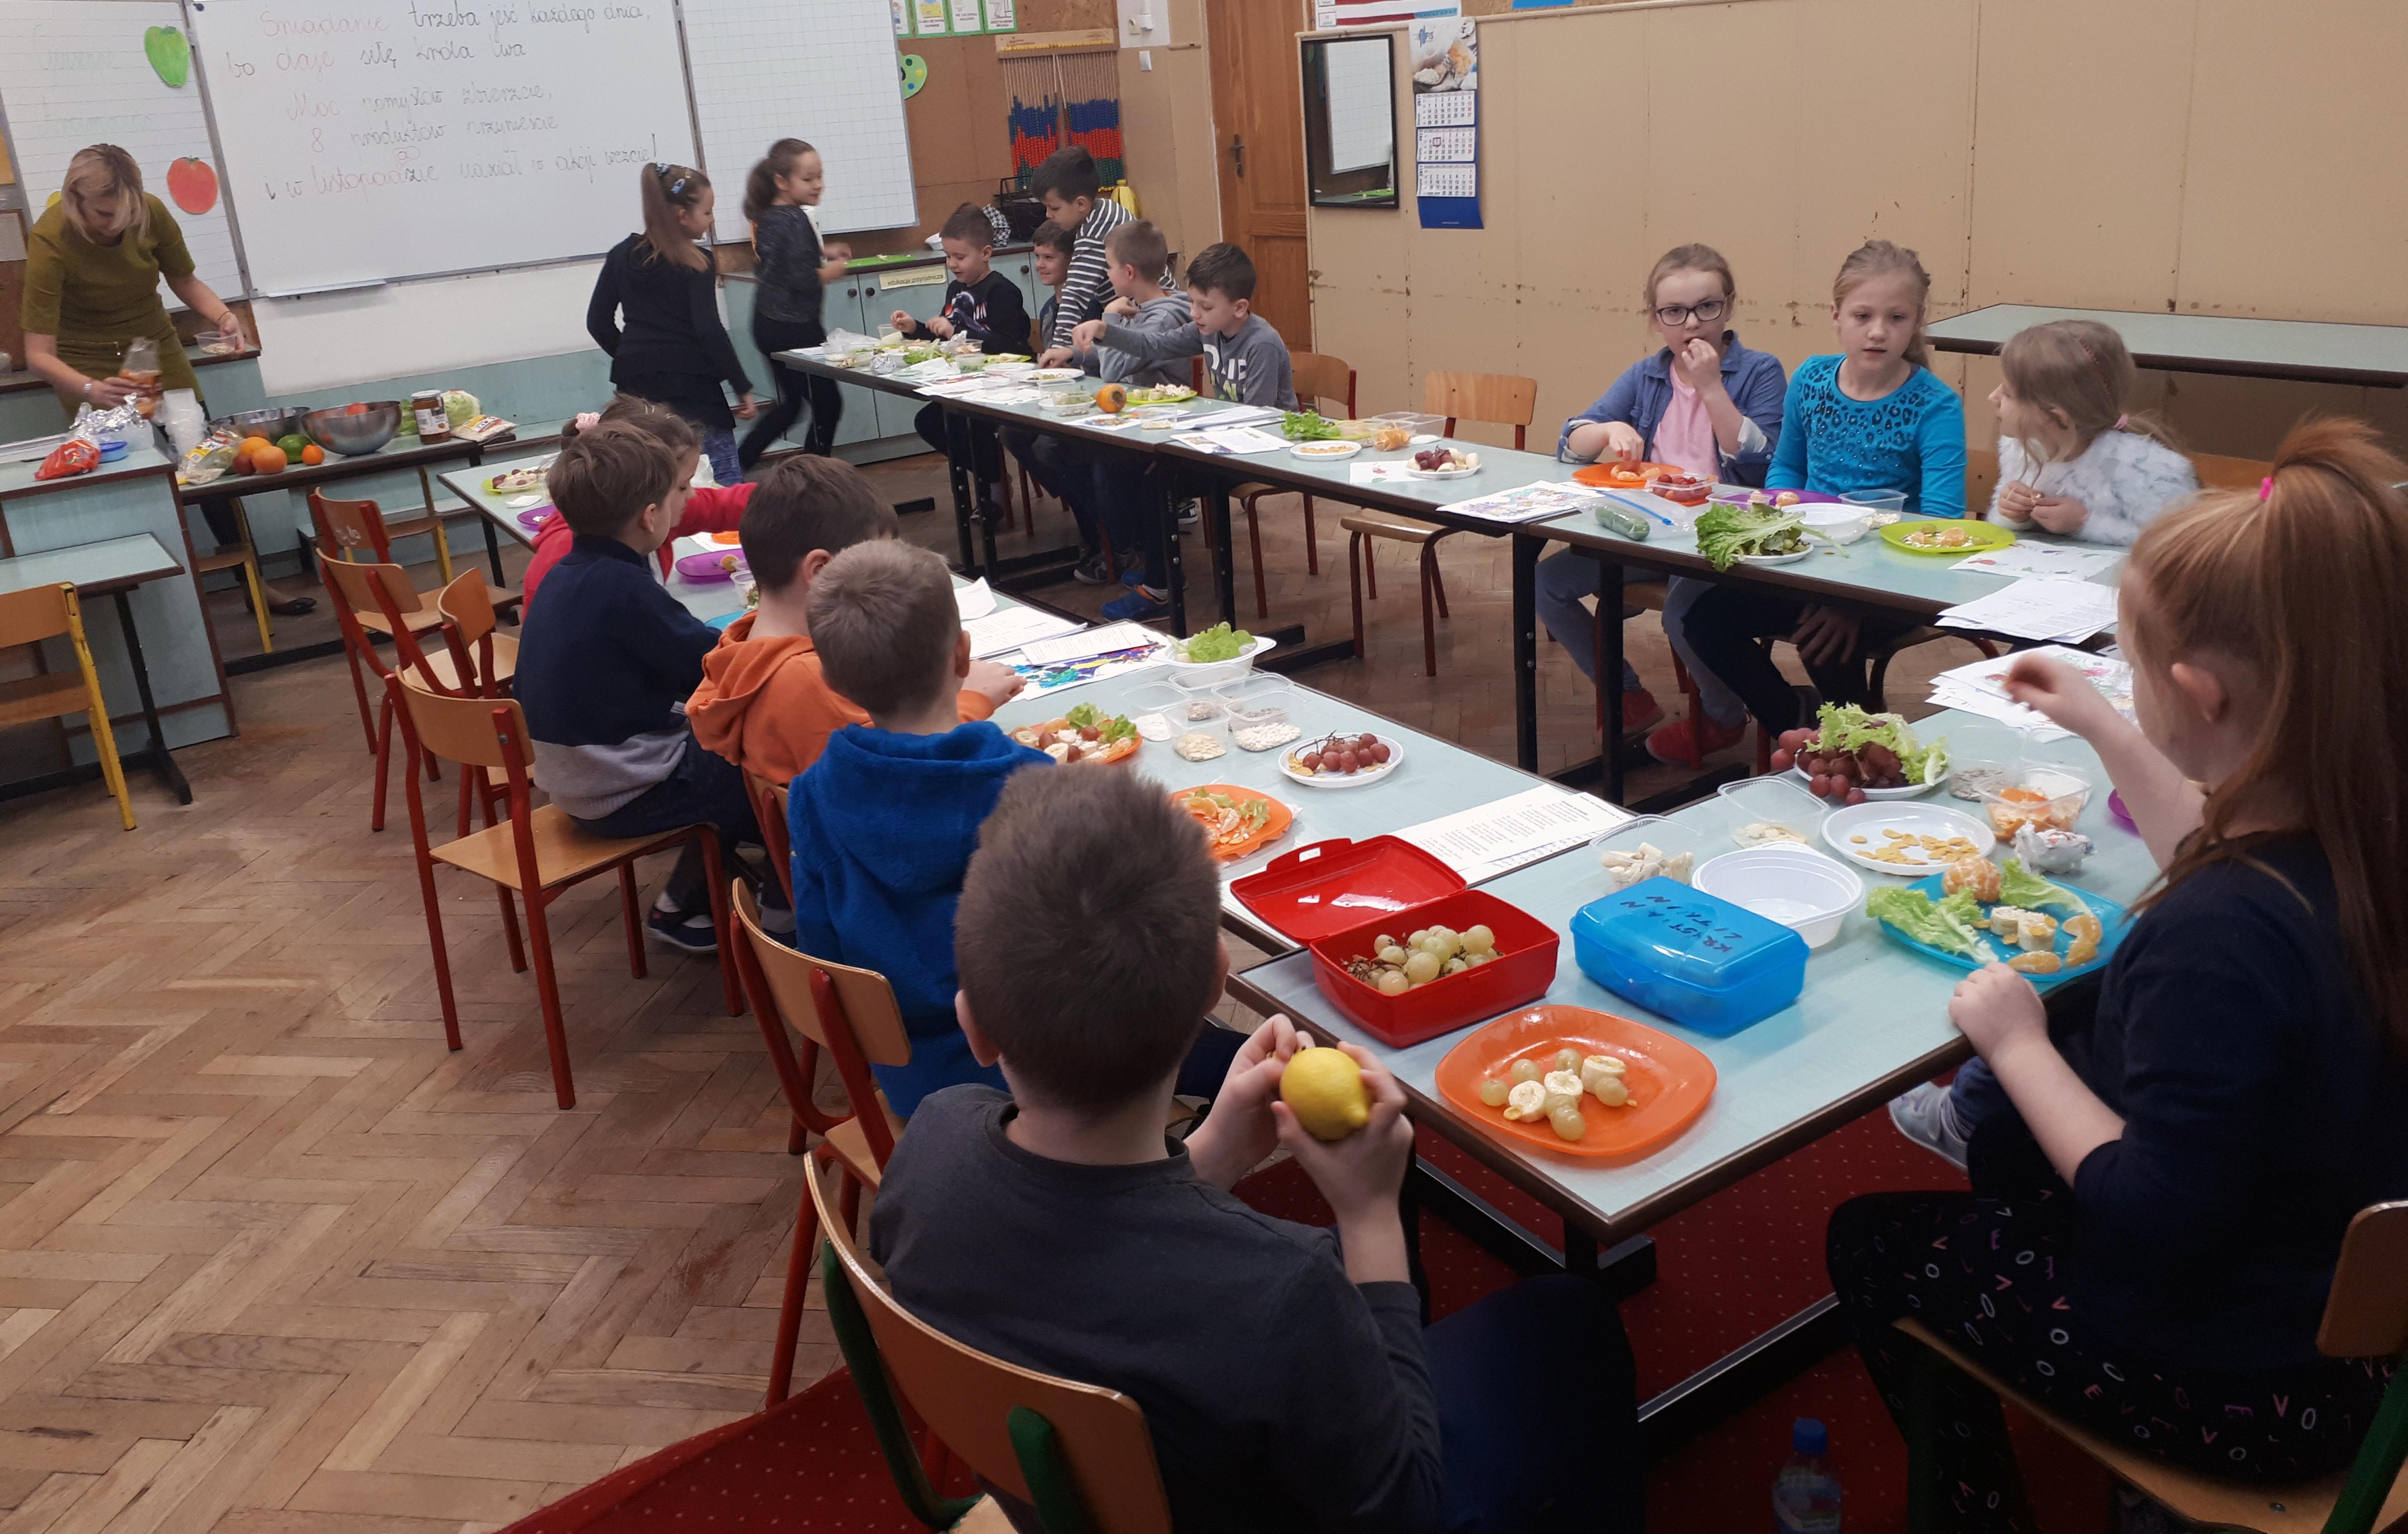 Zakonczyla Sie Kampania Sniadanie Daje Moc Dzieci Poznaly Zasady